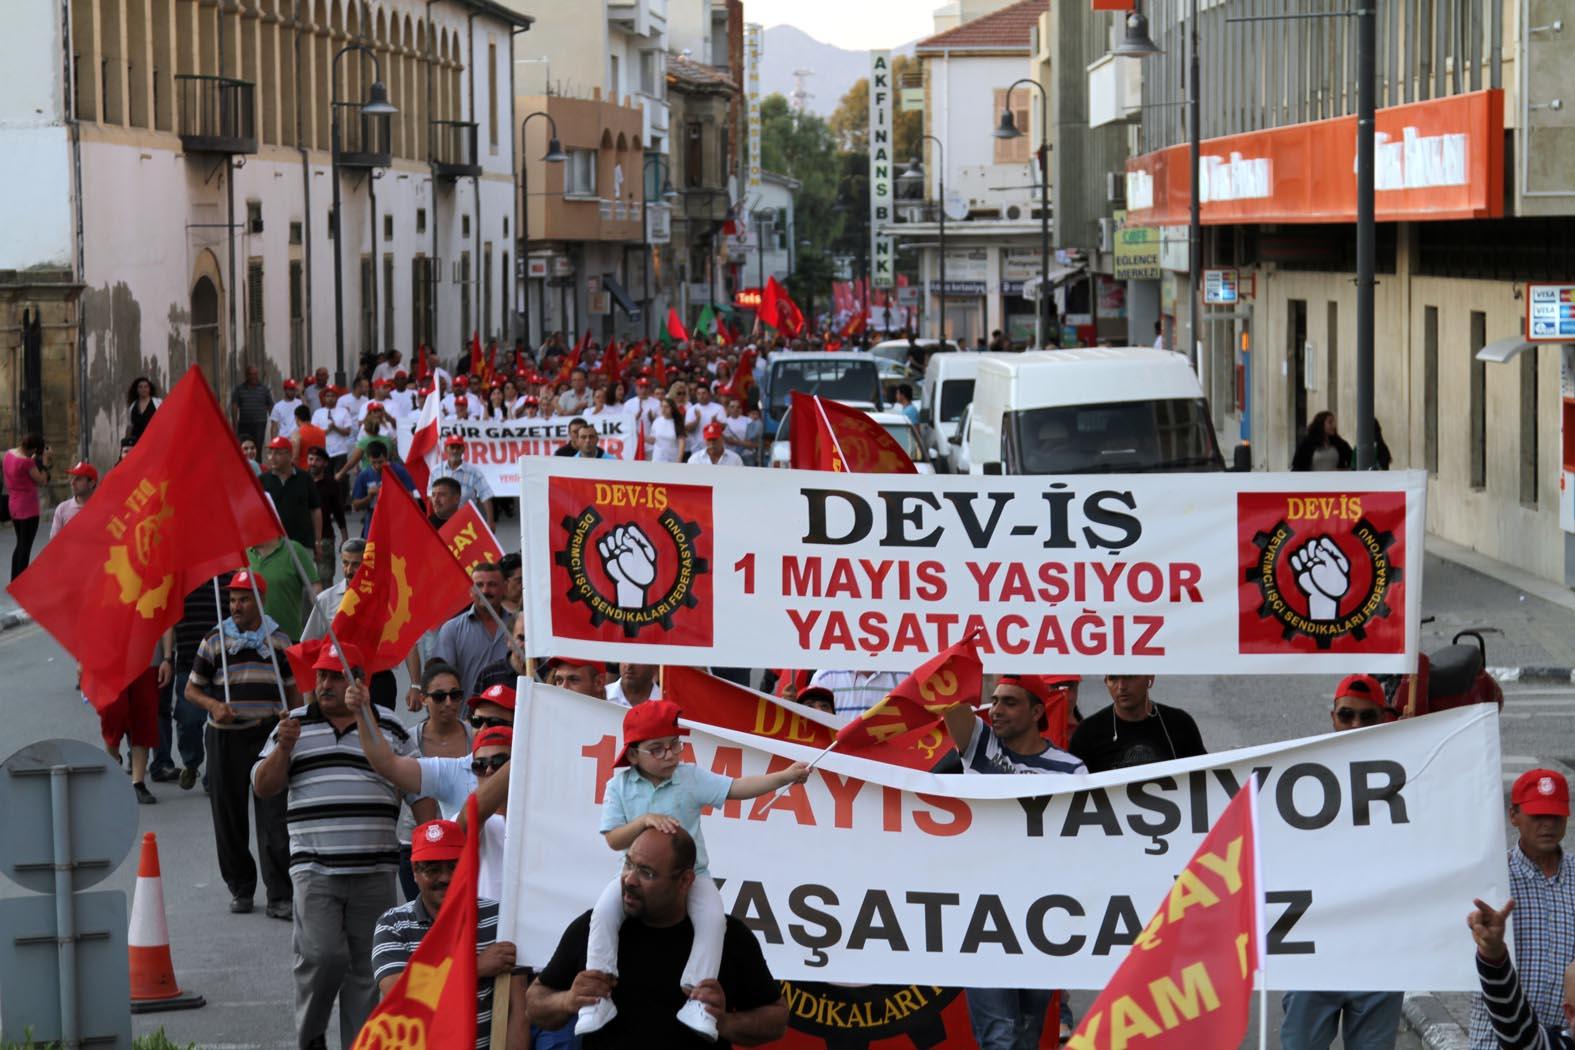 EMEKÇİLERE YÖNELİK UYGULANAN EKONOMİK POLİTİKALAR PROTESTO EDİLDİ